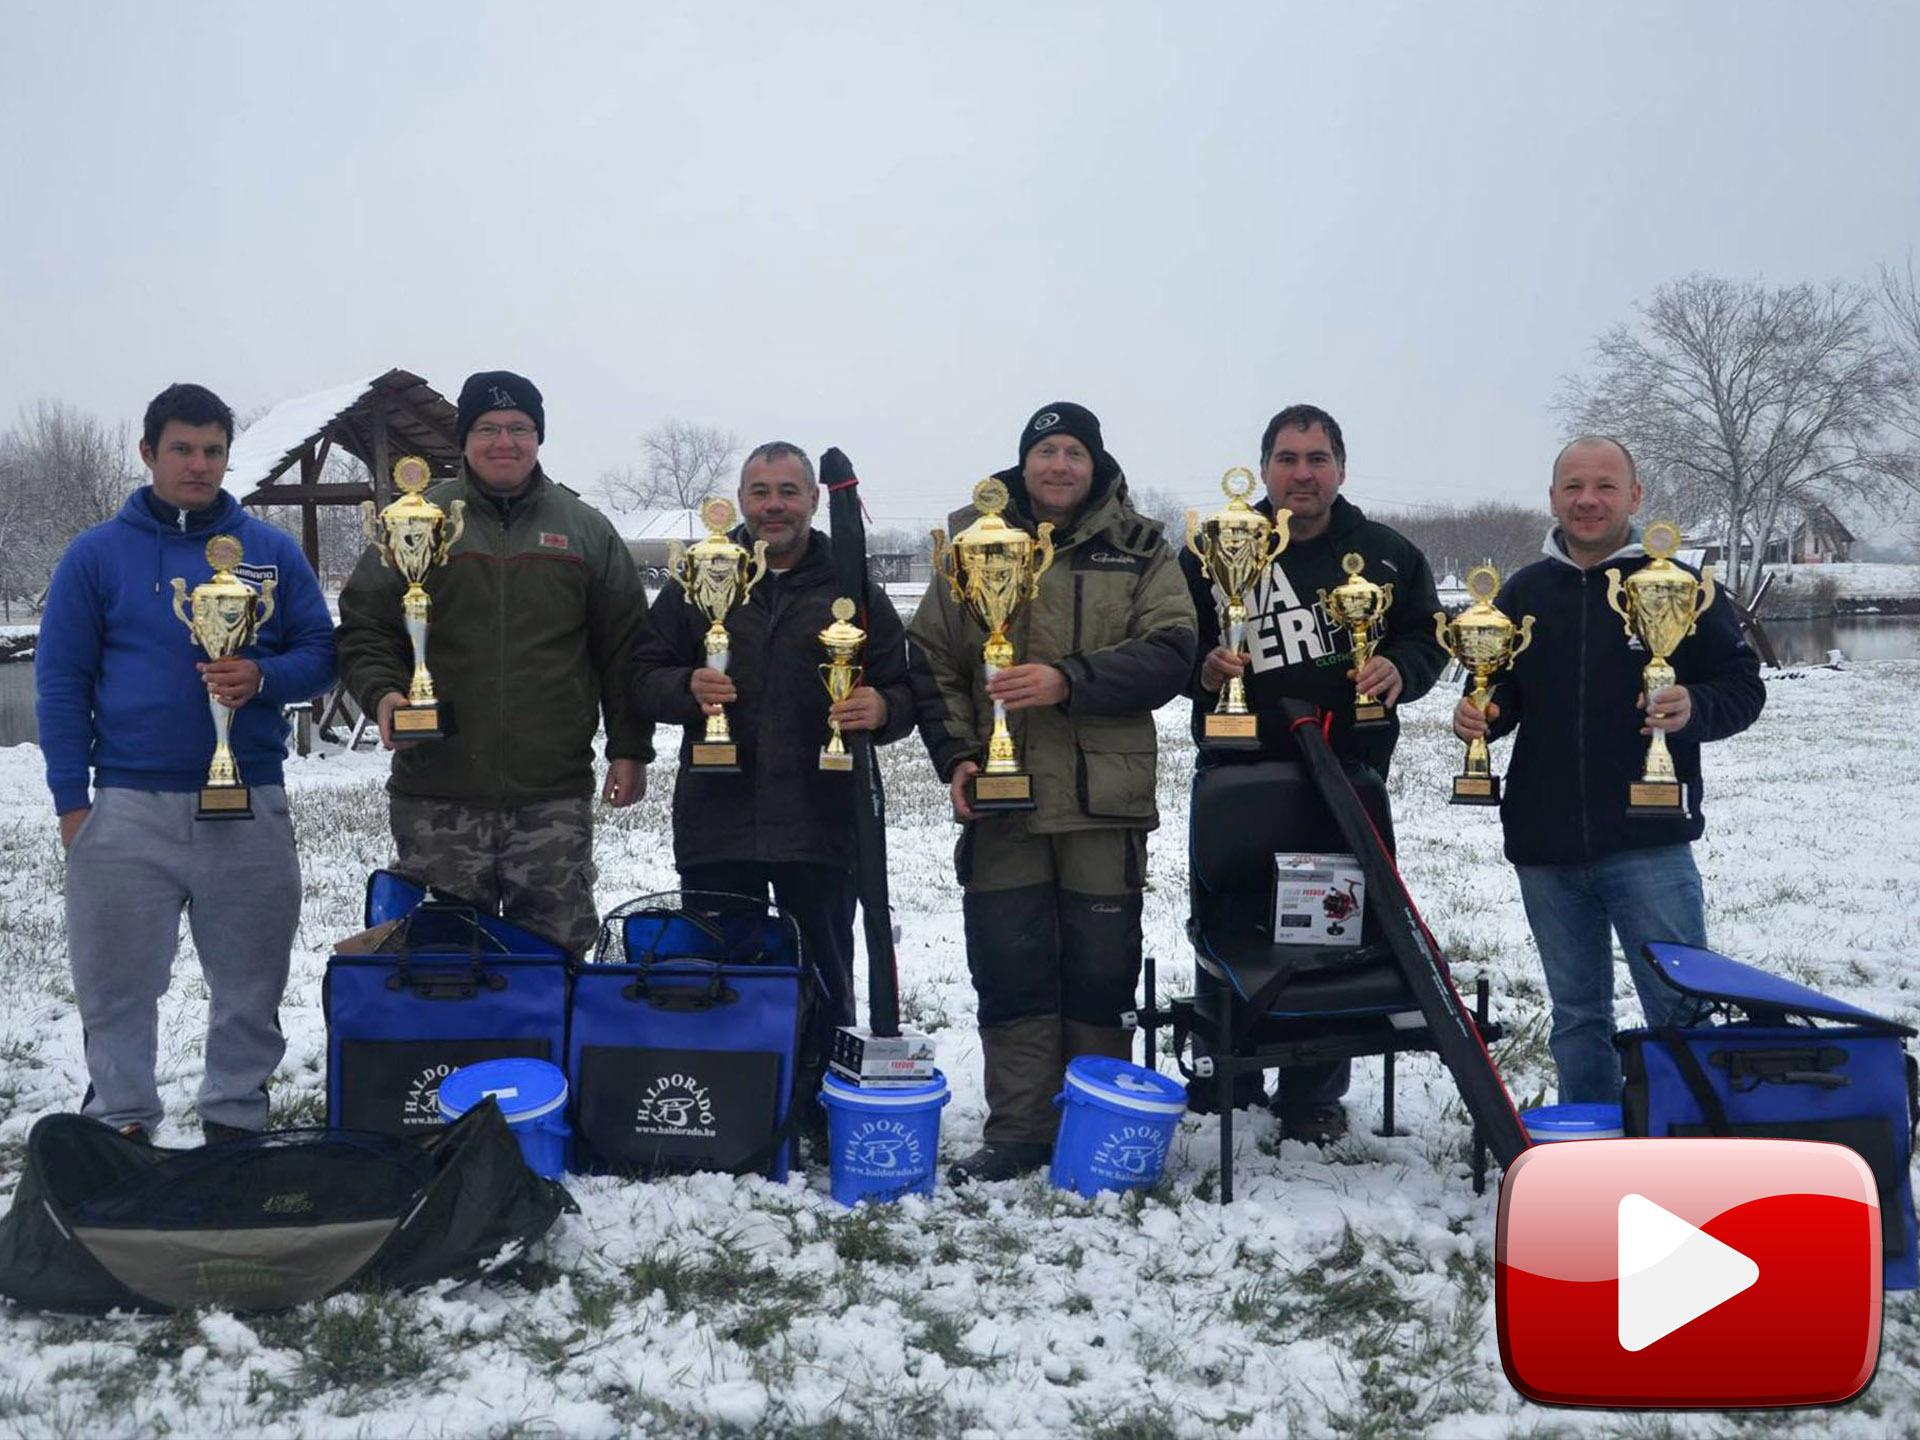 4 évszak Haldorádó Method Feeder Kupa 2017 versenysorozat összegzés